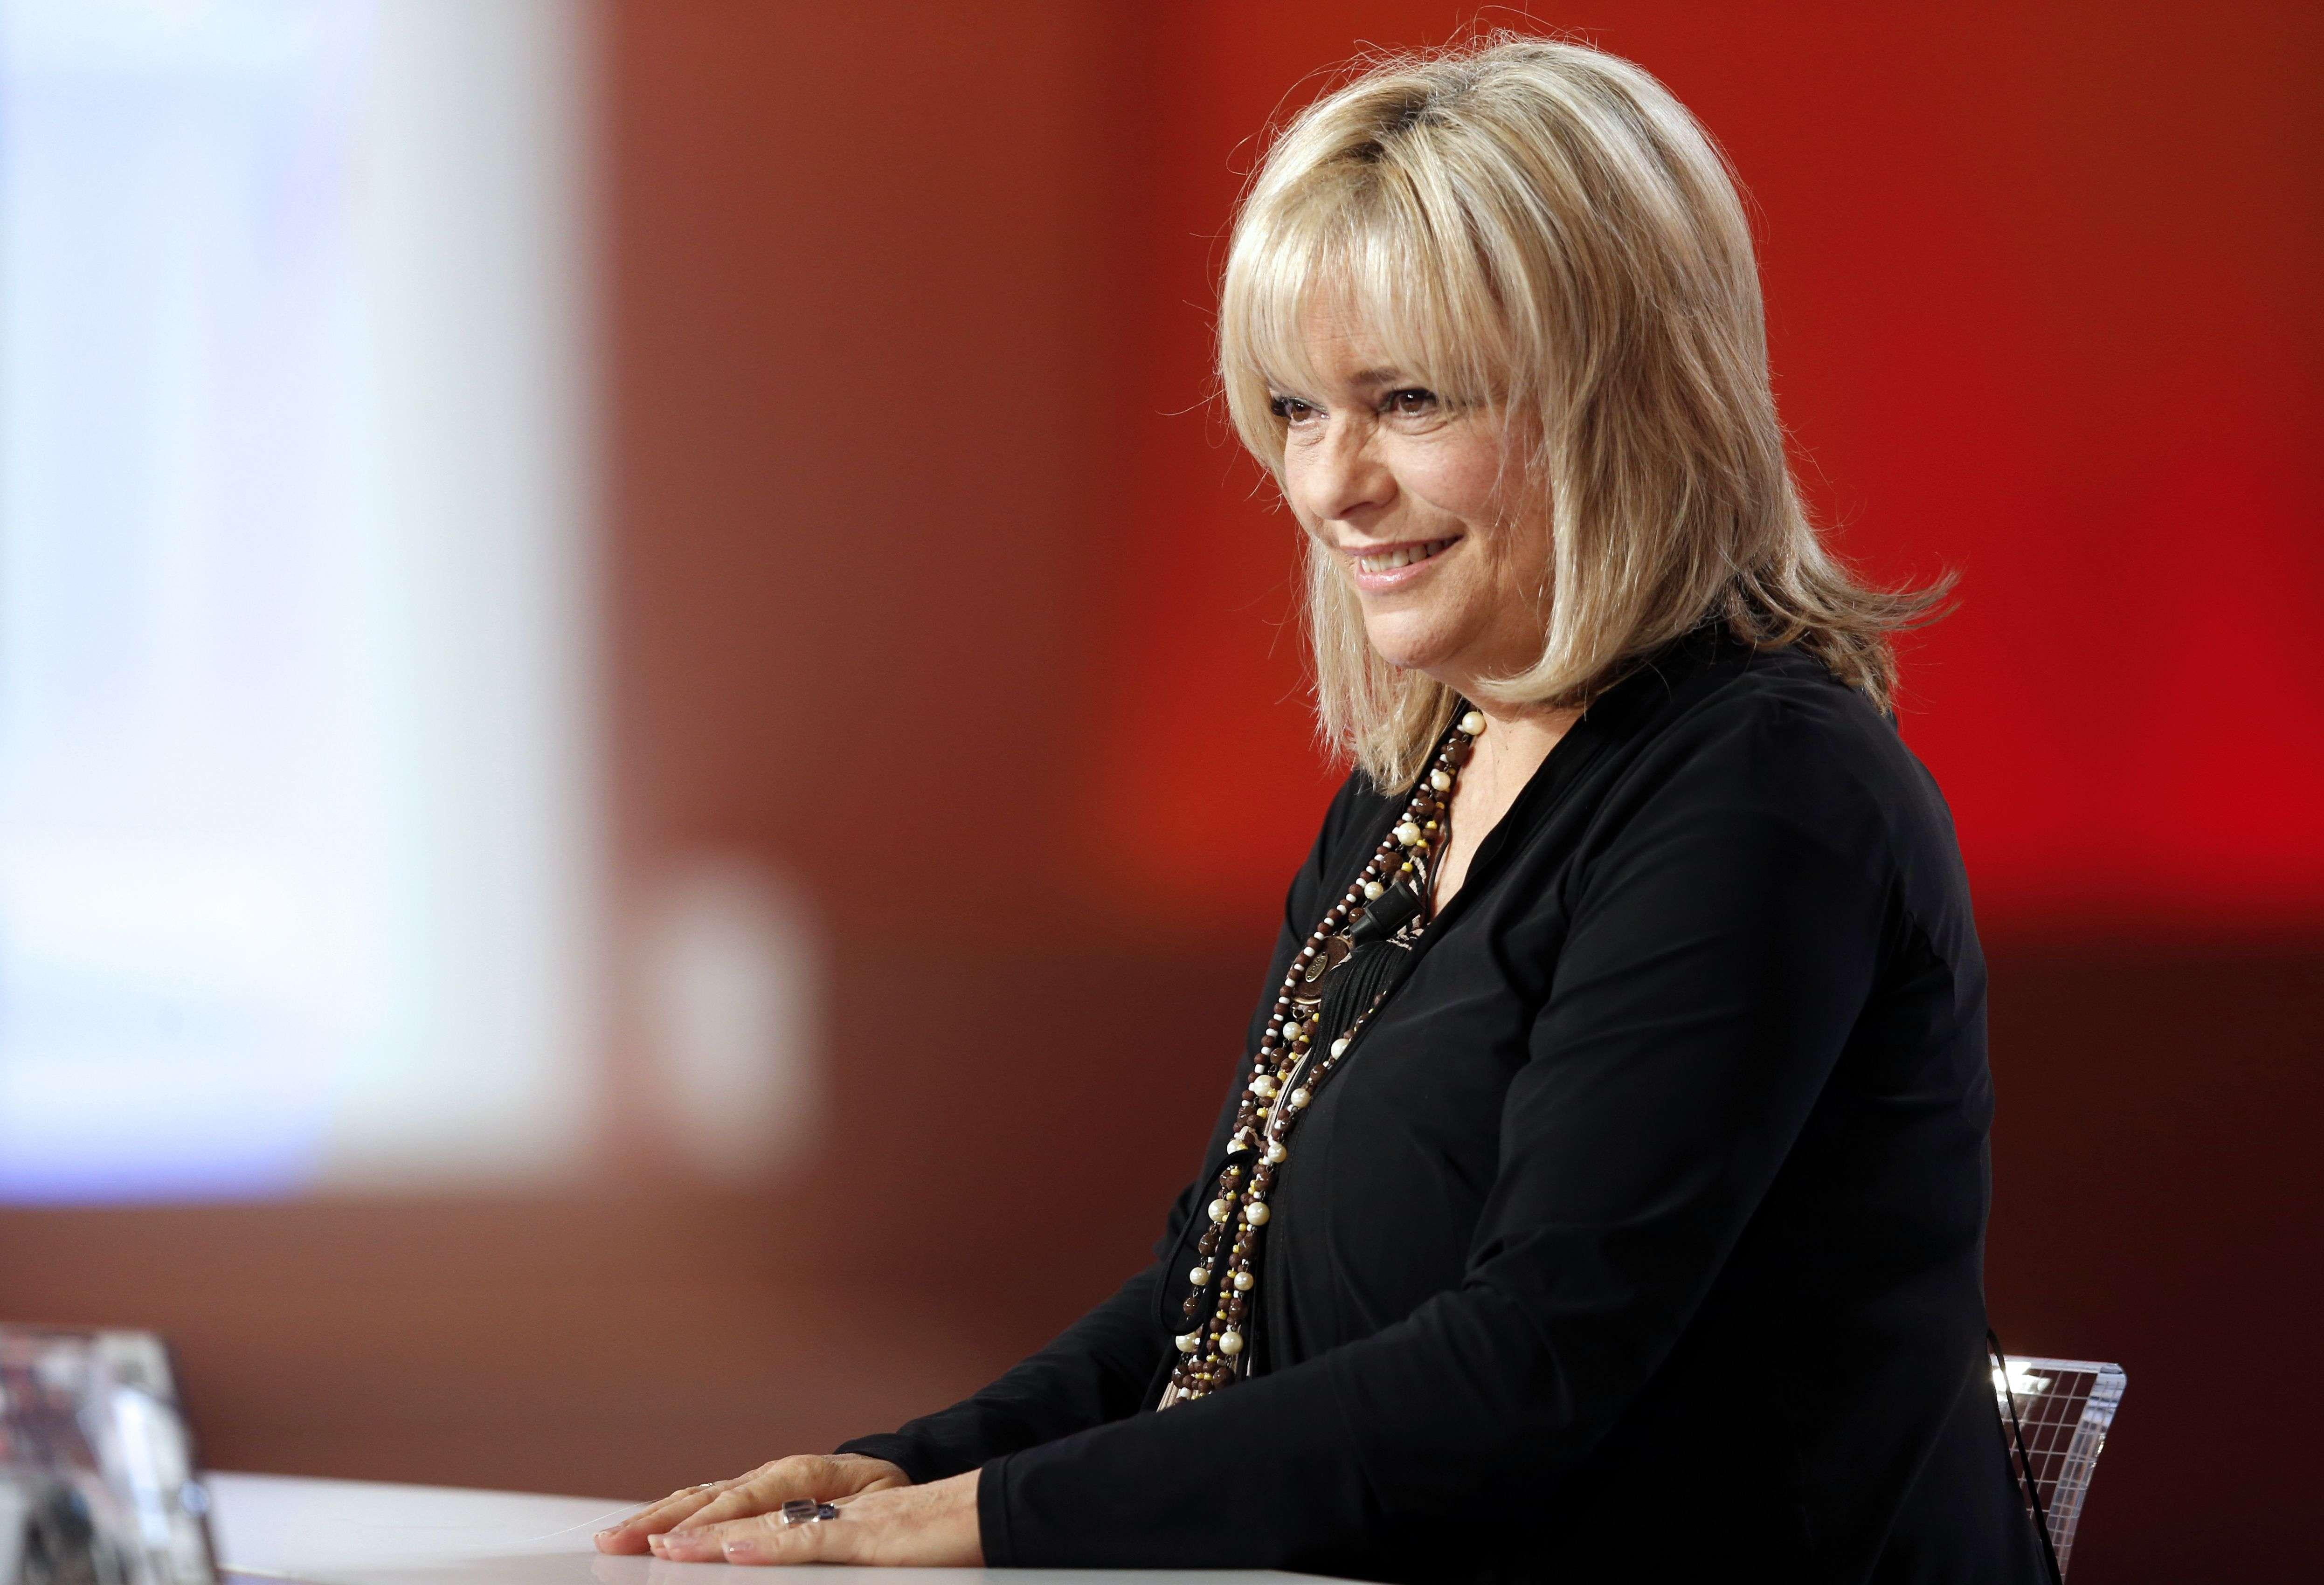 En 2012 sur Canal+. Retirée depuis 1997, France Gall apparaît dans une vidéo en 2015 pour la comédie musicale«Résiste» en hommage à son mari.